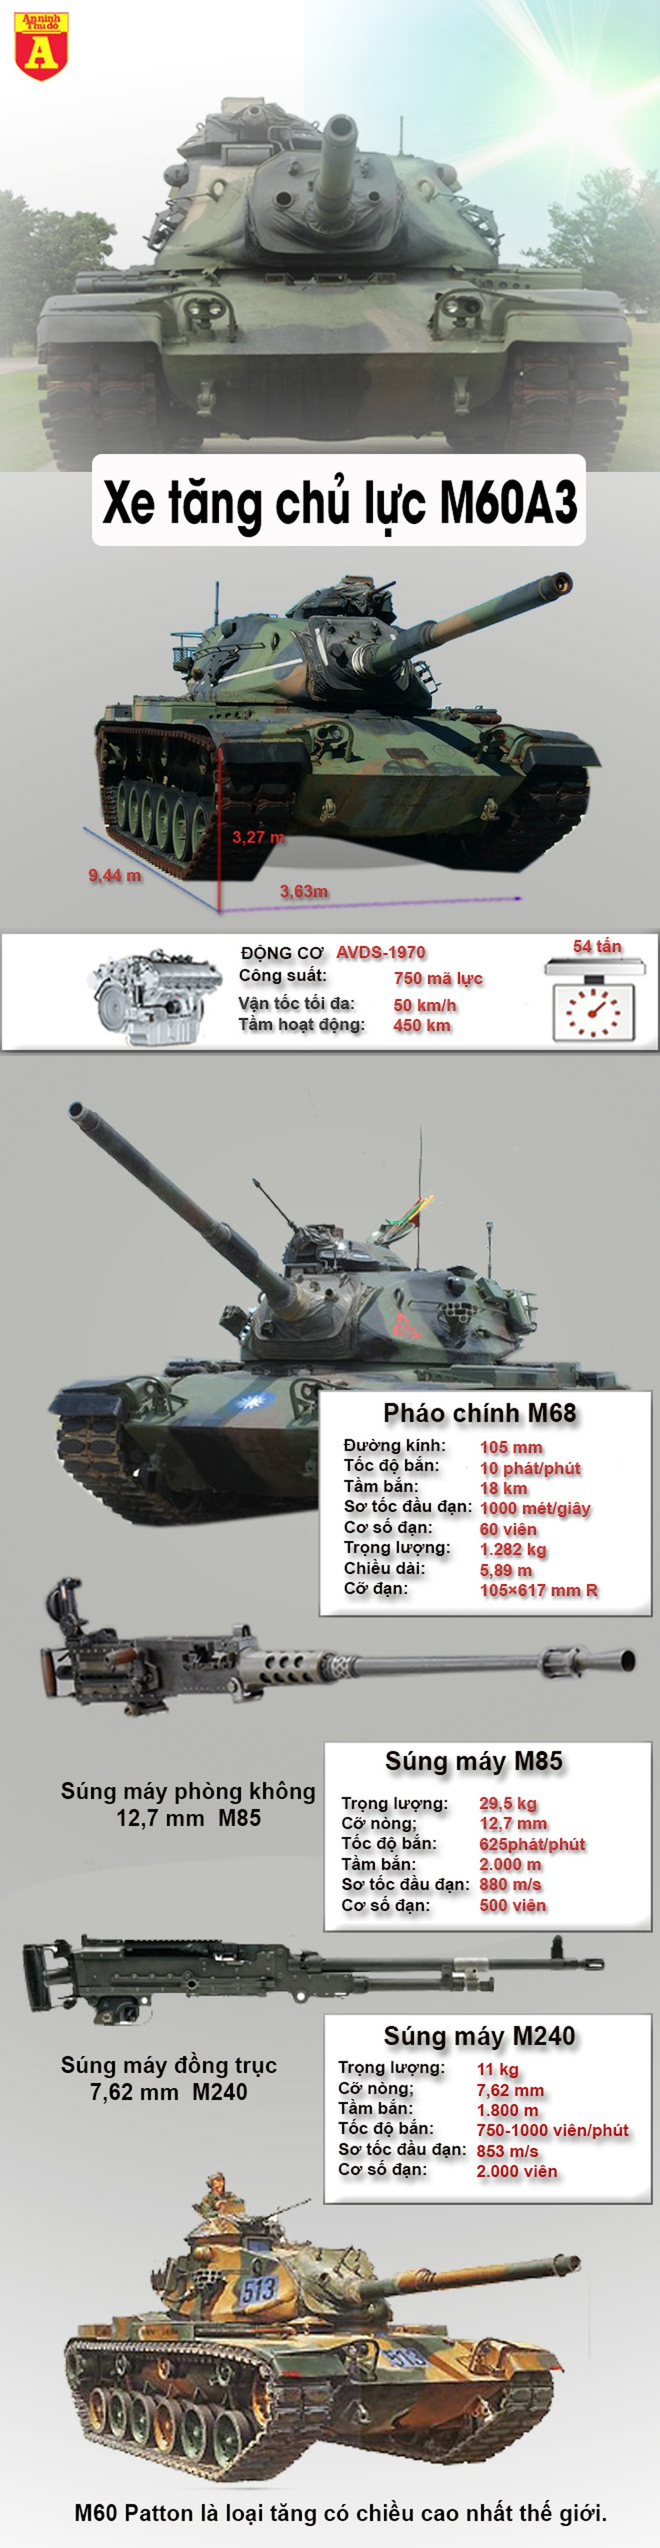 [Infographic] Triết lý ẩn mình tấn công của xe tăng cao nhất thế giới ảnh 2